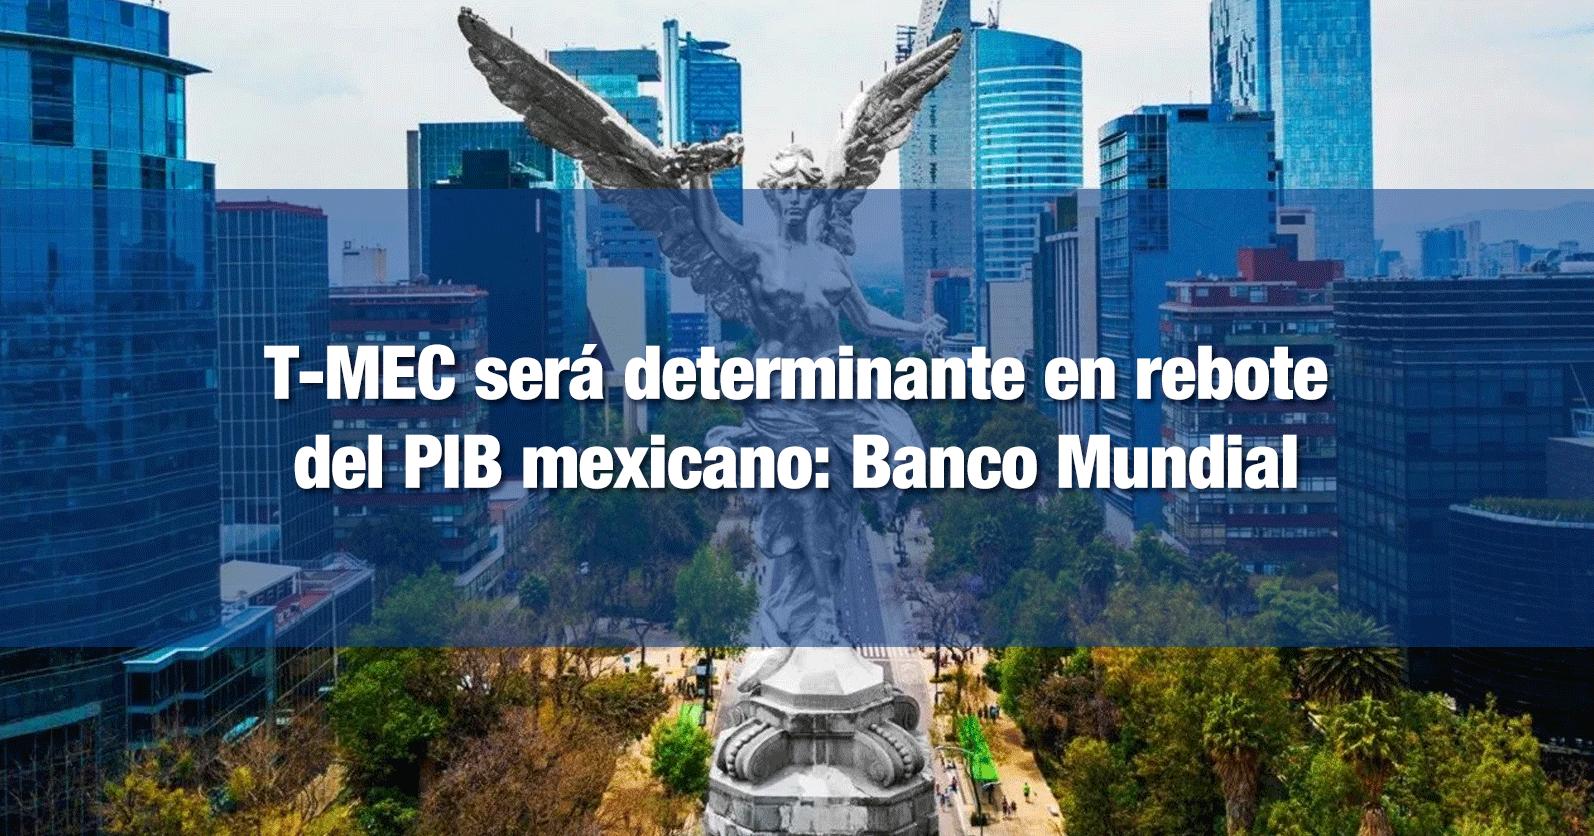 T-MEC será determinante en rebote del PIB mexicano: Banco Mundial